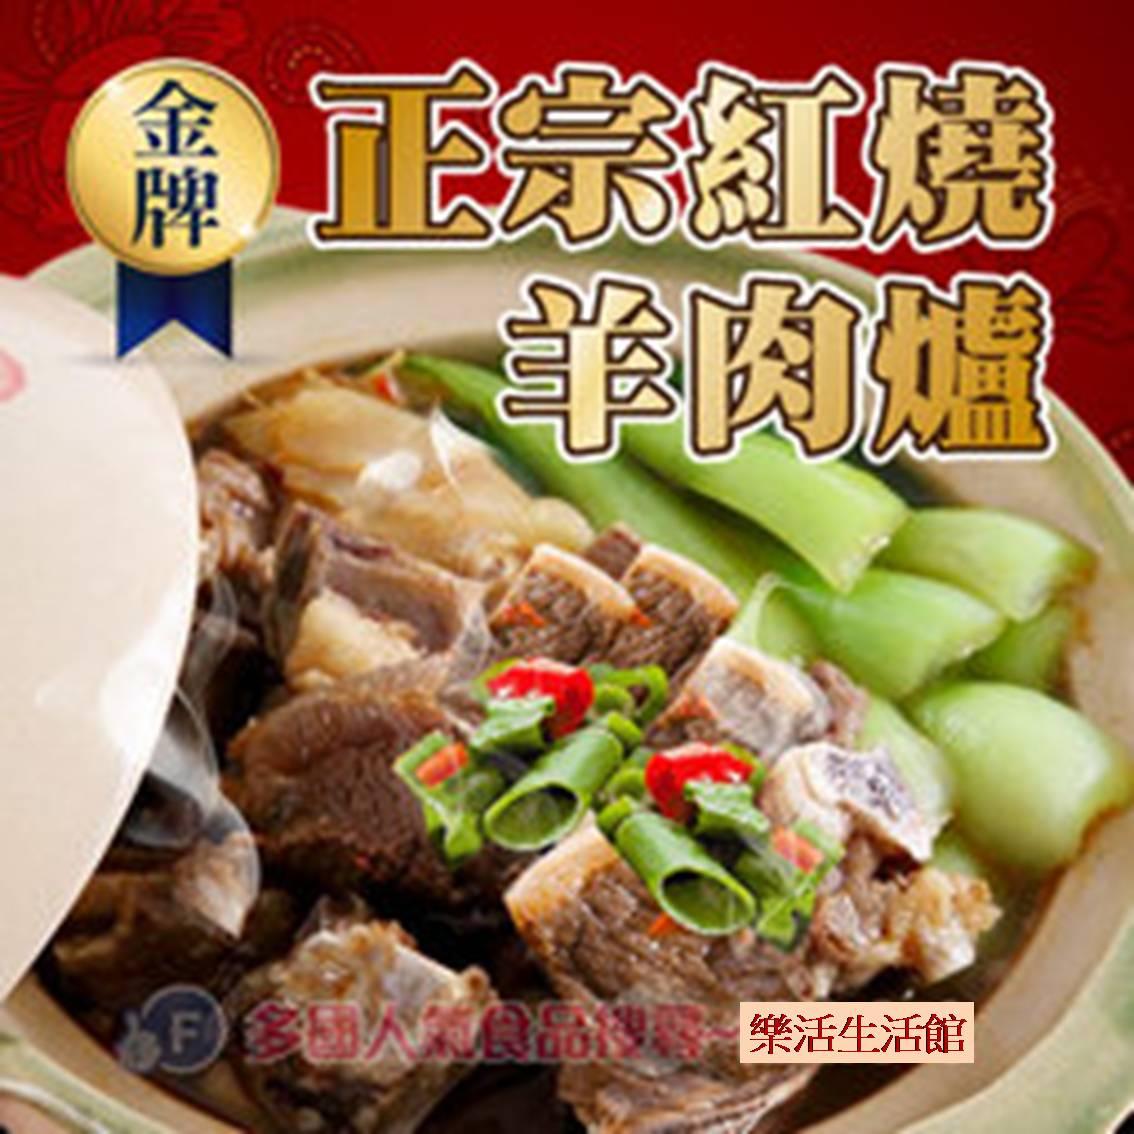 元進莊紅棗人蔘烏骨雞湯【樂活生活館】